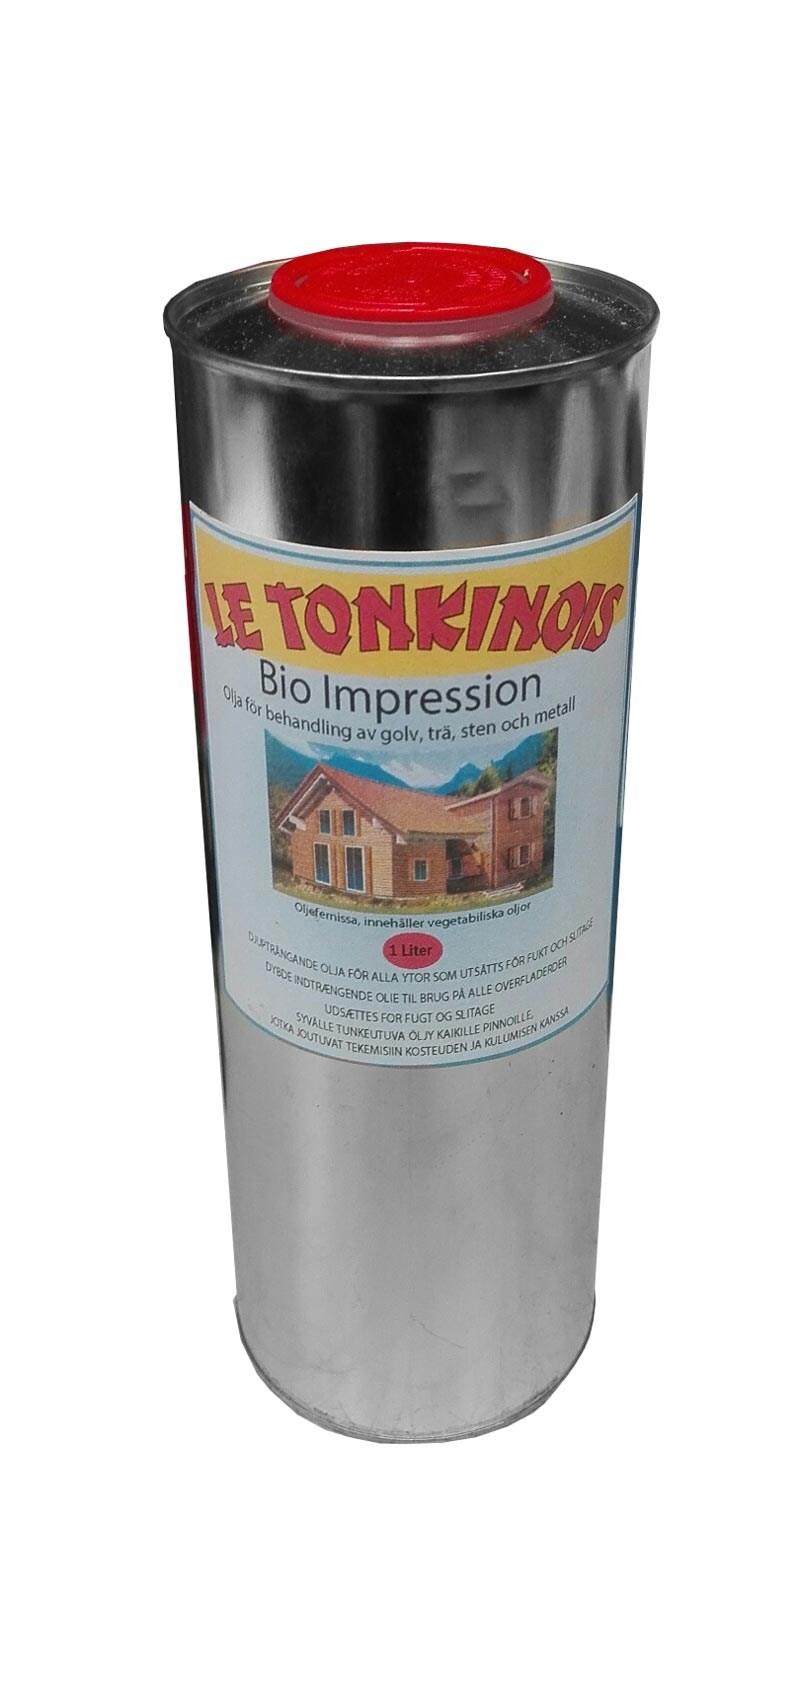 Le Tonkinios Bio Impression 1 liter